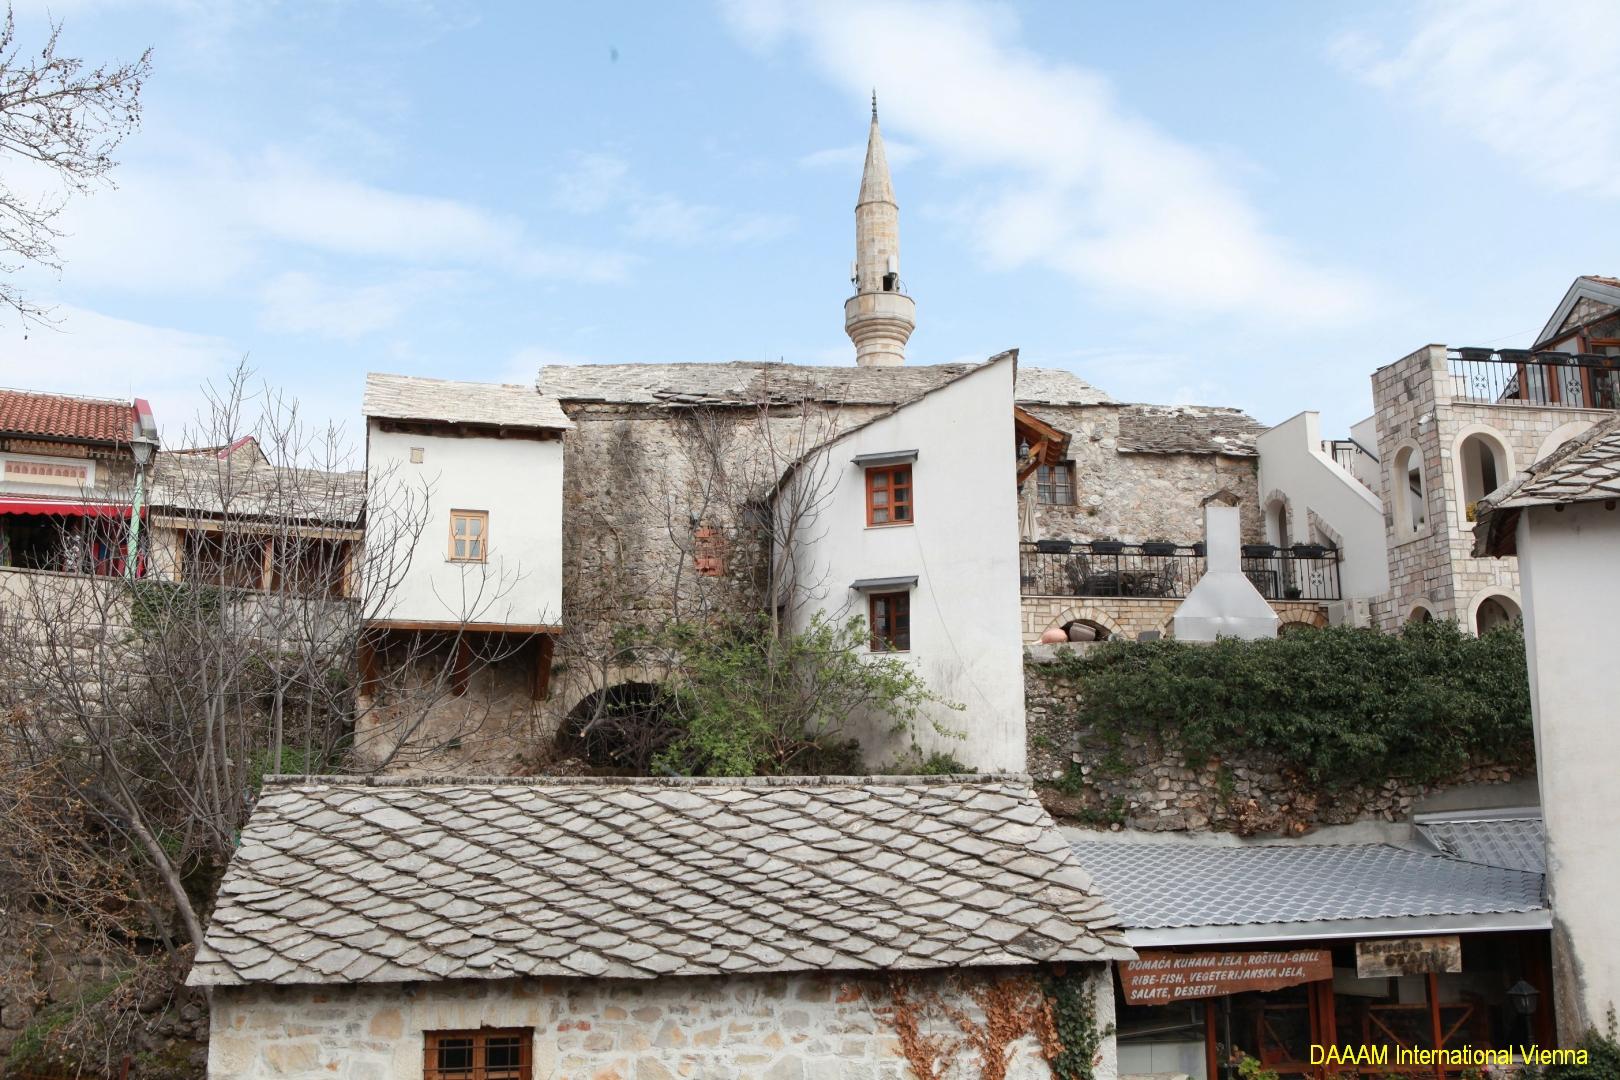 DAAAM_2016_Mostar_01_Magic_City_of_Mostar_040